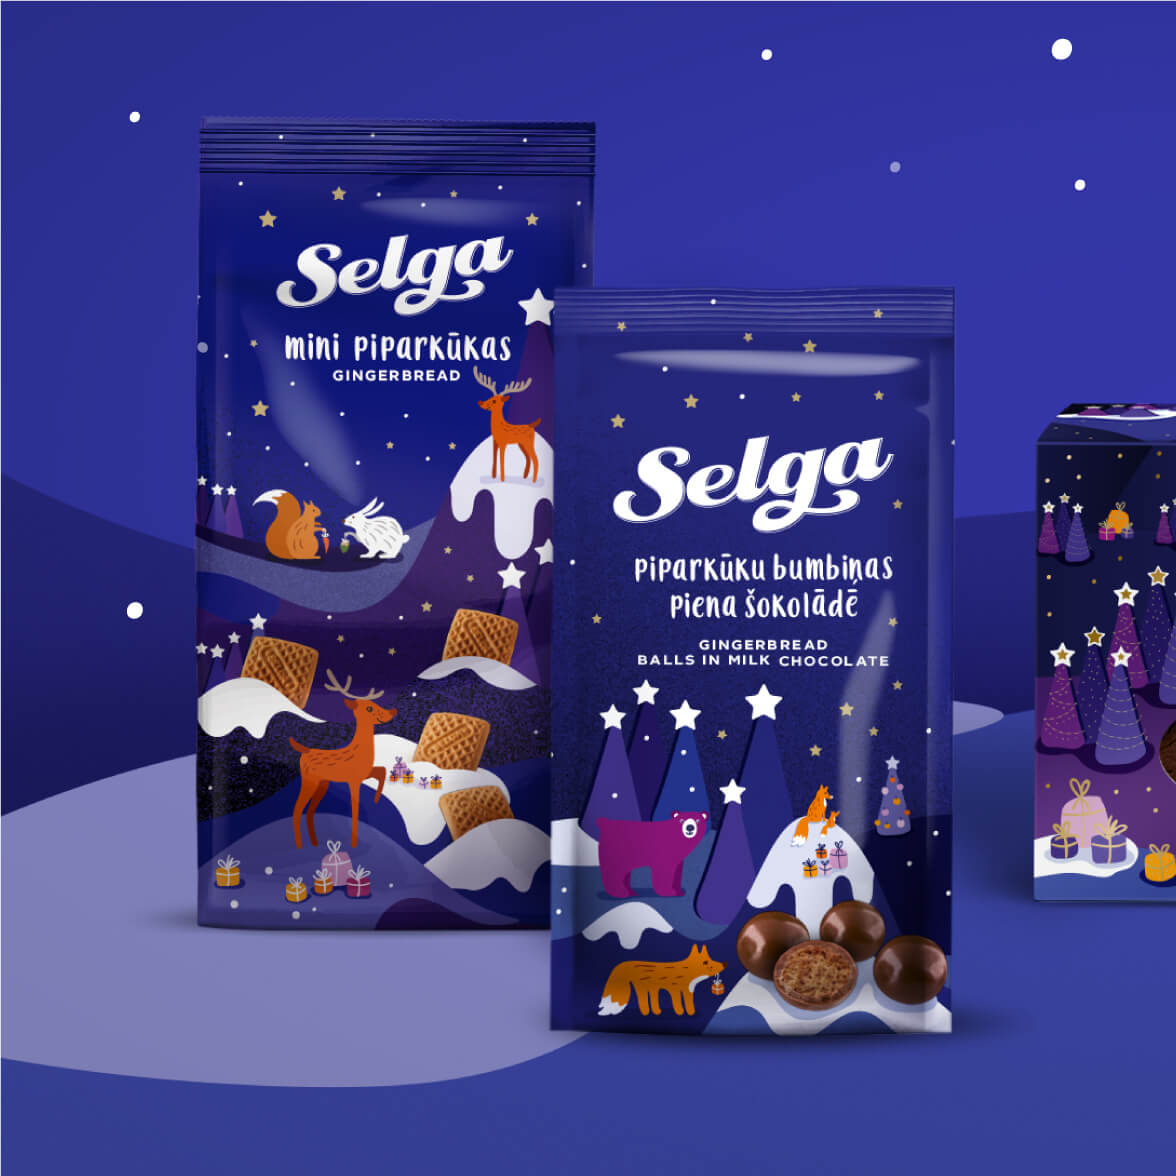 Selga Christmas 2018 - packaging design